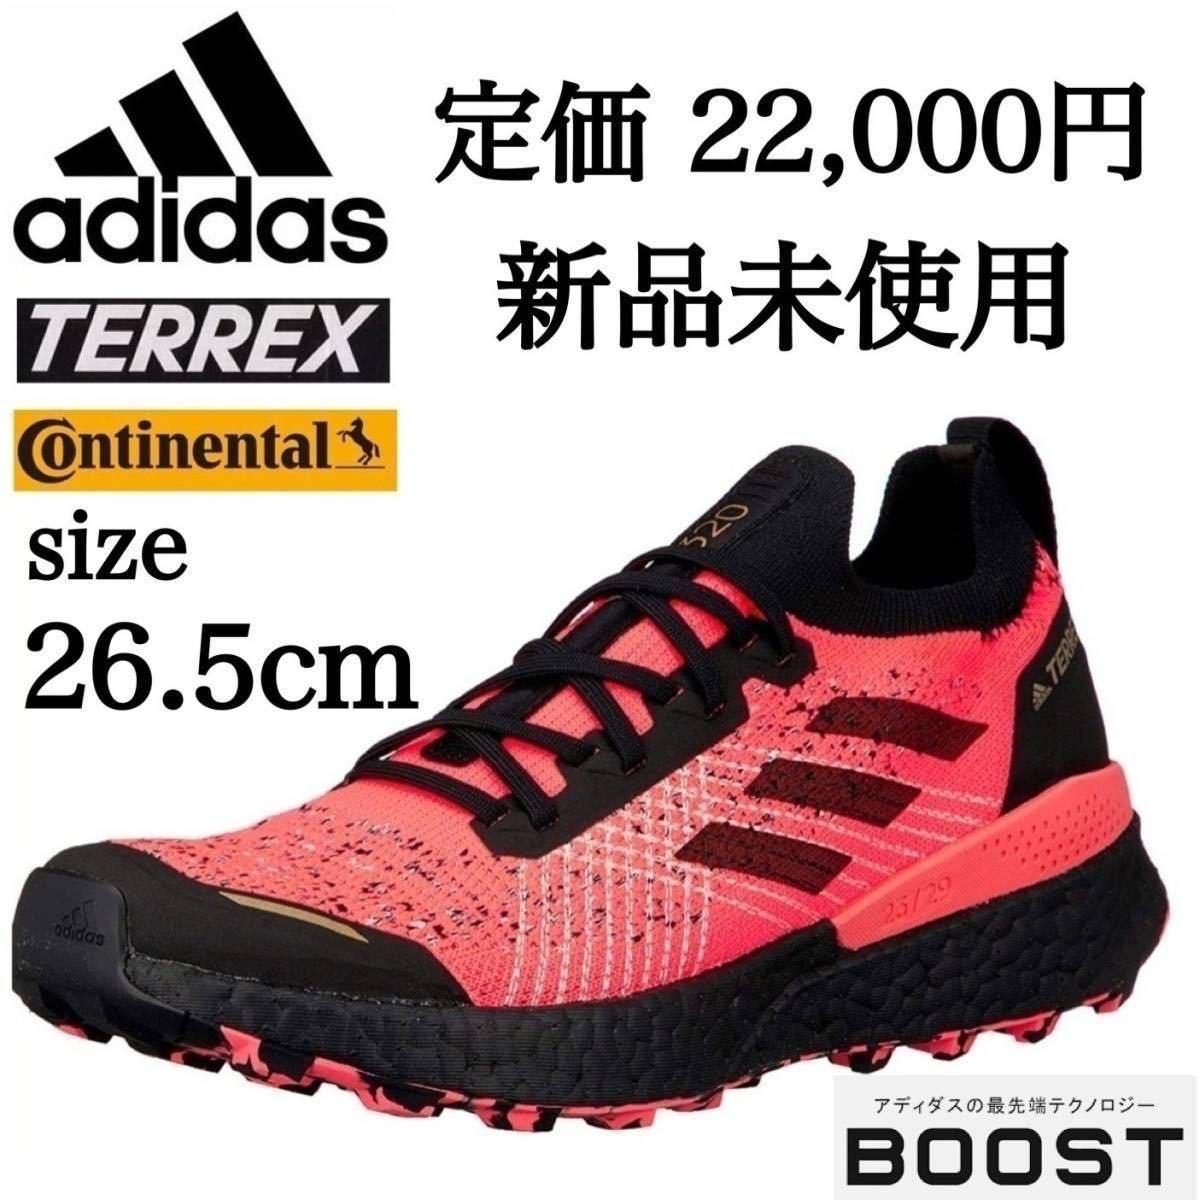 定価22,000円 新品未使用 adidas 26.5 TERREX TWO ULT PARLEY BOOST アディダス テレックス ブースト 登山靴 トレッキング トレイル ラン